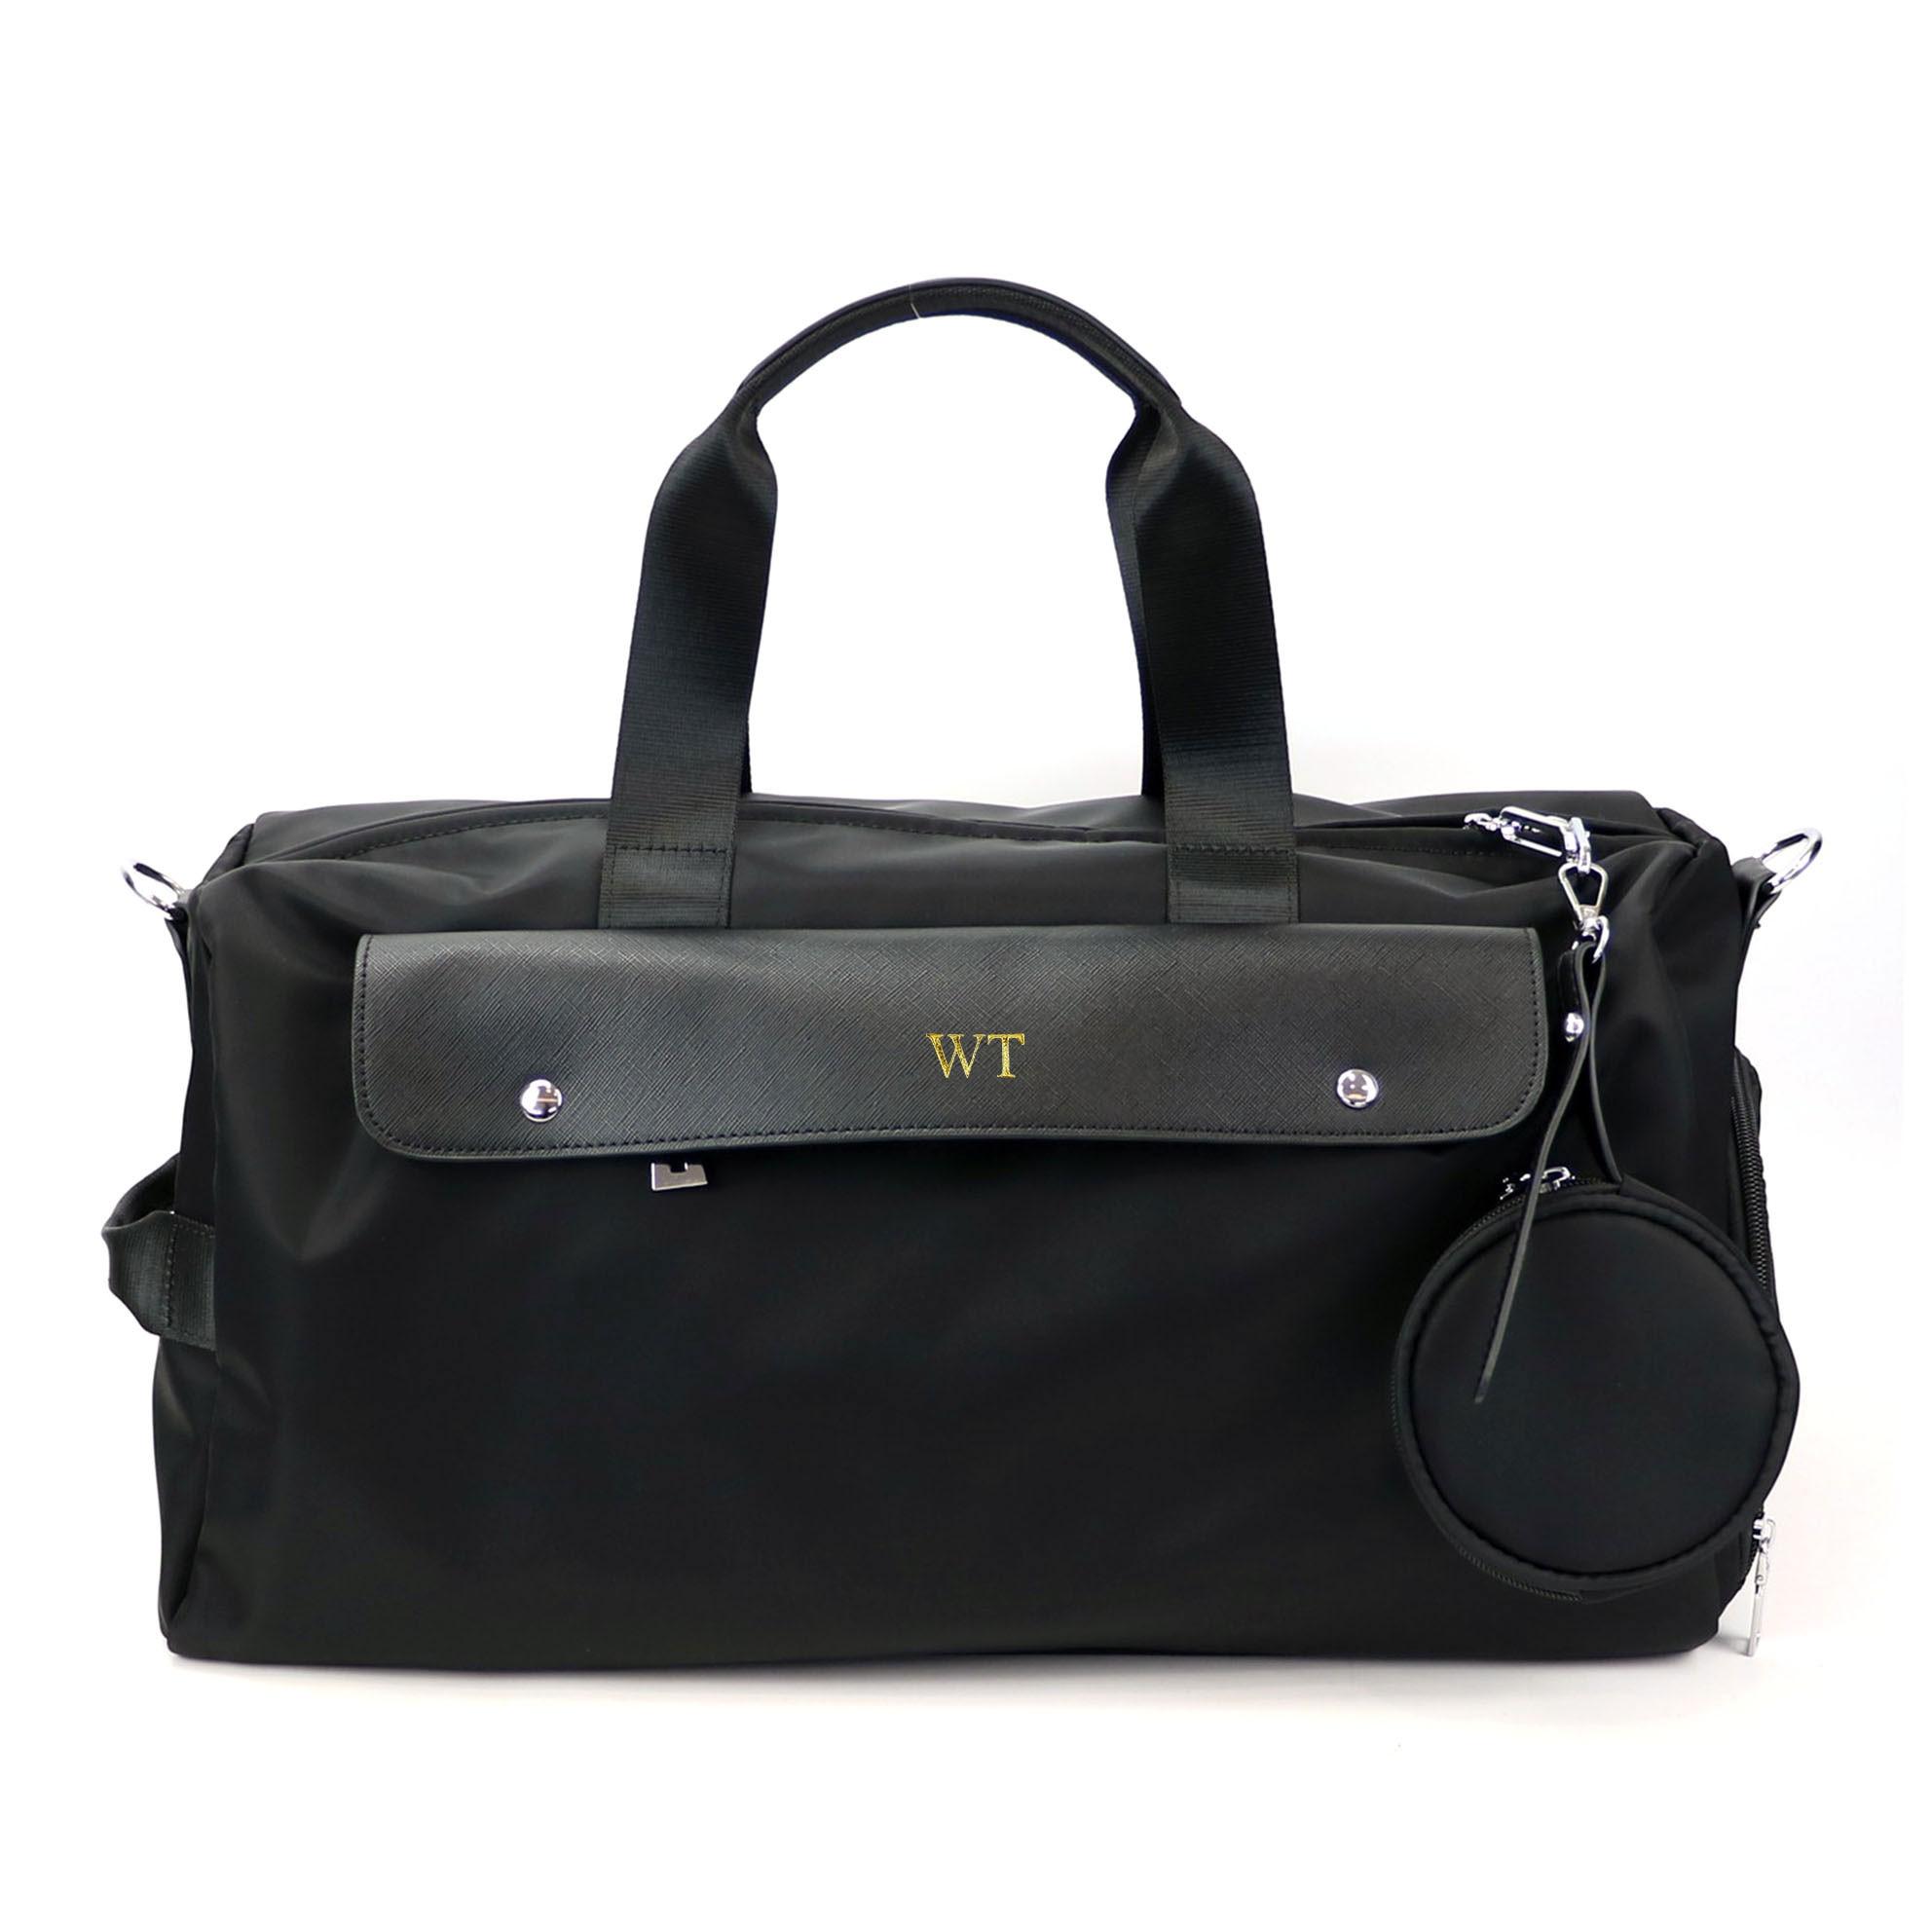 Женские Водонепроницаемые спортивные сумки для спортивного зала, многофункциональные сумки с Сухой Влажной подкладкой, сумки для занятий фитнесом, йогой, сумки через плечо с сумкой для обуви|Дорожные сумки| | АлиЭкспресс